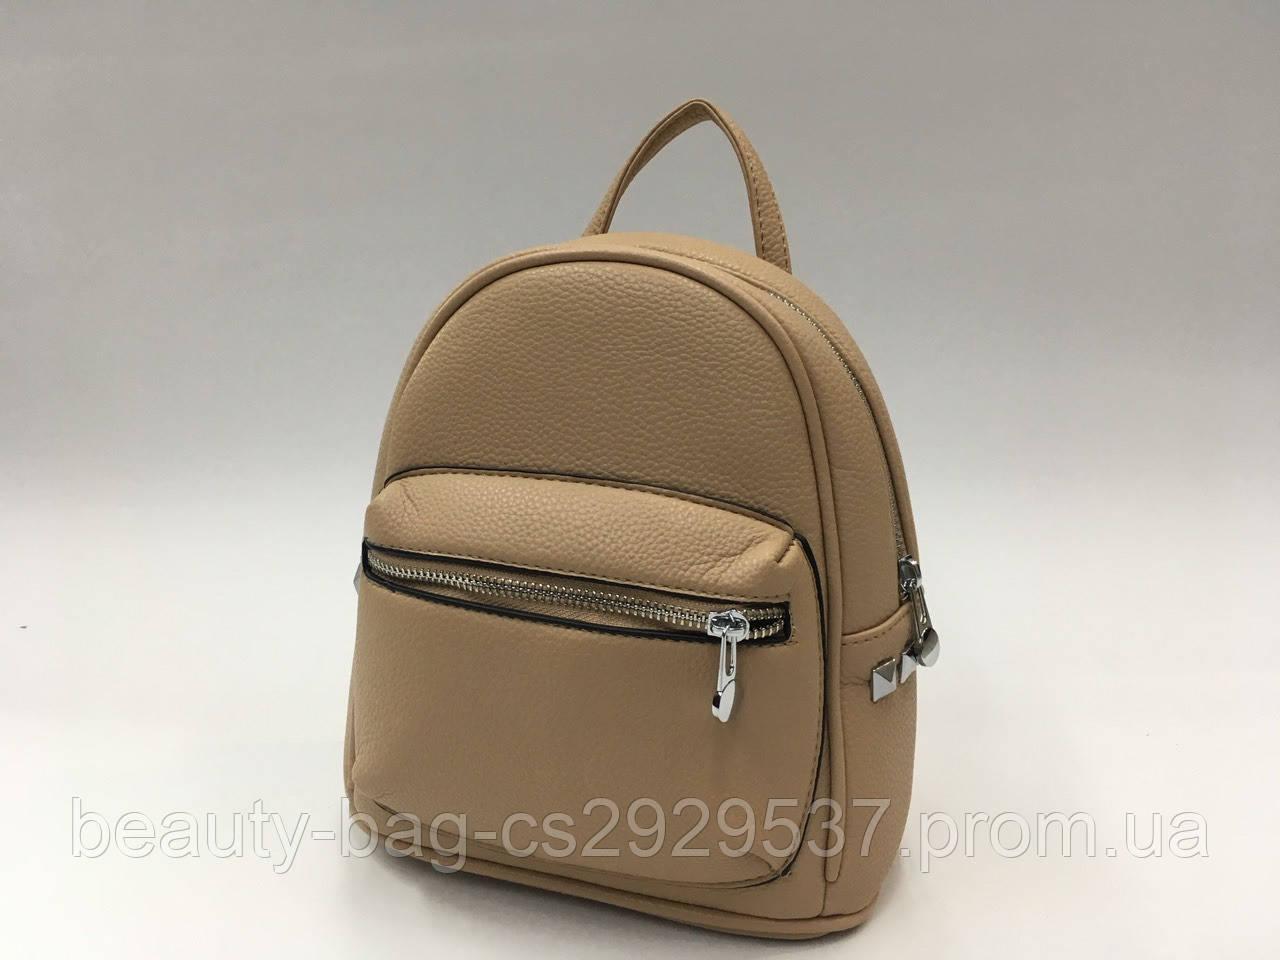 Рюкзак молодежный КМ-48 бежевый